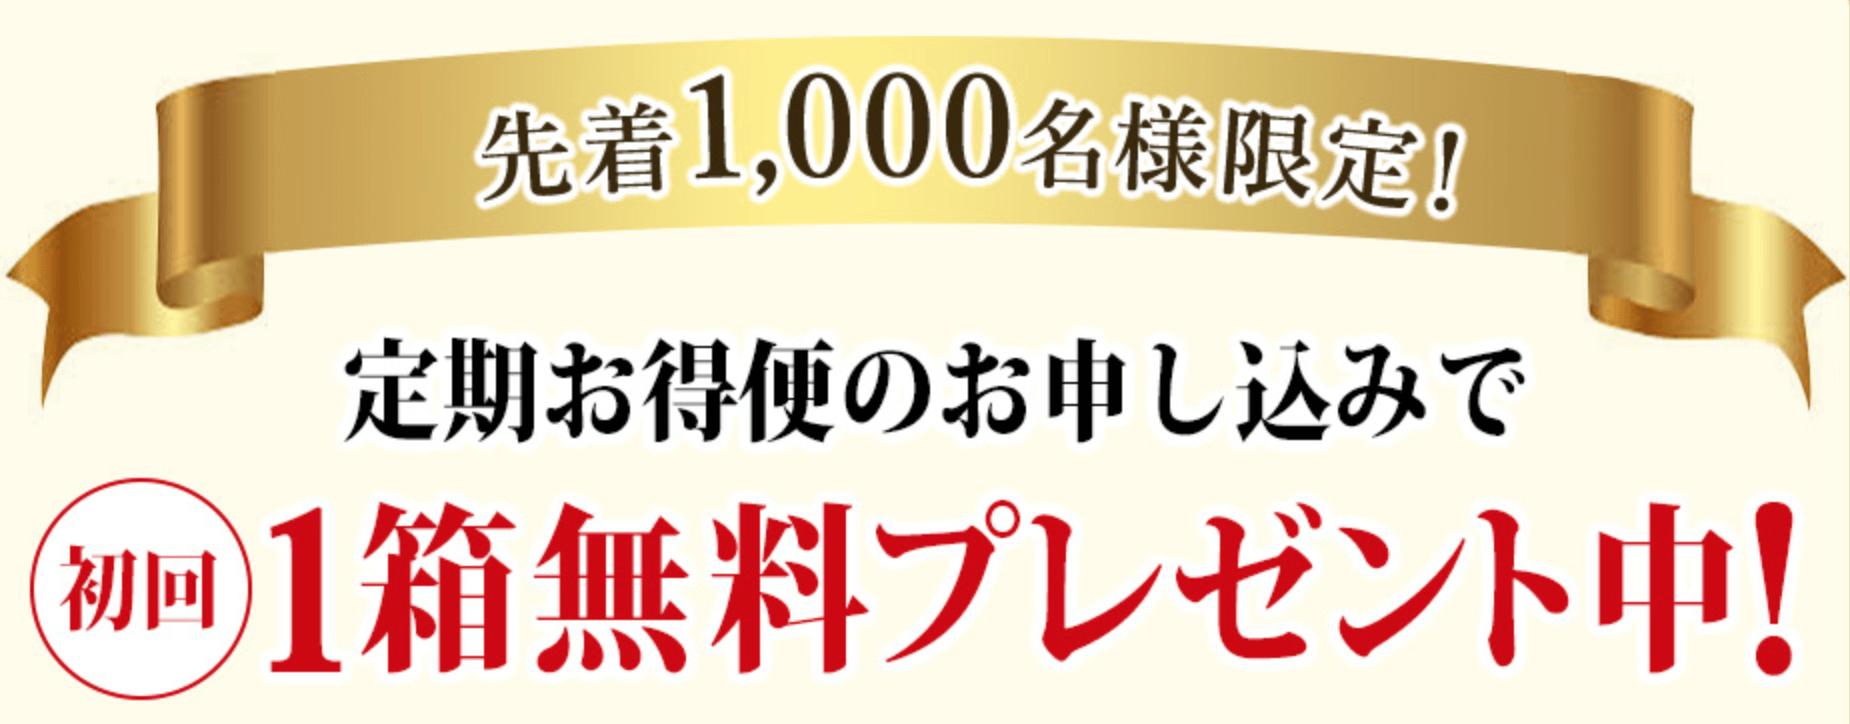 ツバメモリ15000の初回限定キャンペーン